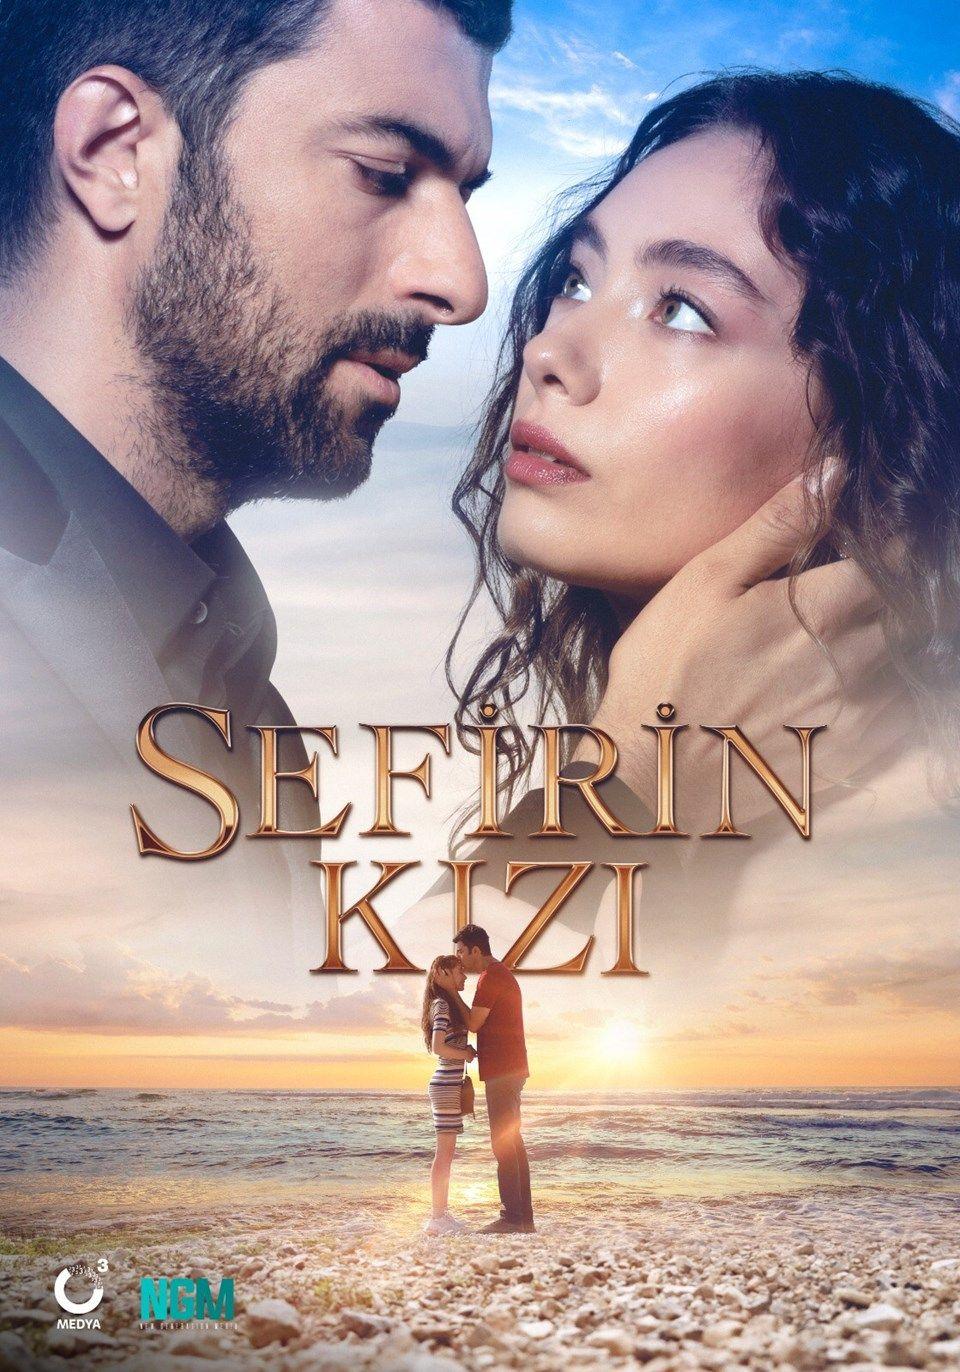 Sefirin Kizi 2 Bolum Izle 23 Aralik 2019 Tv Dizileri Izleme Drama